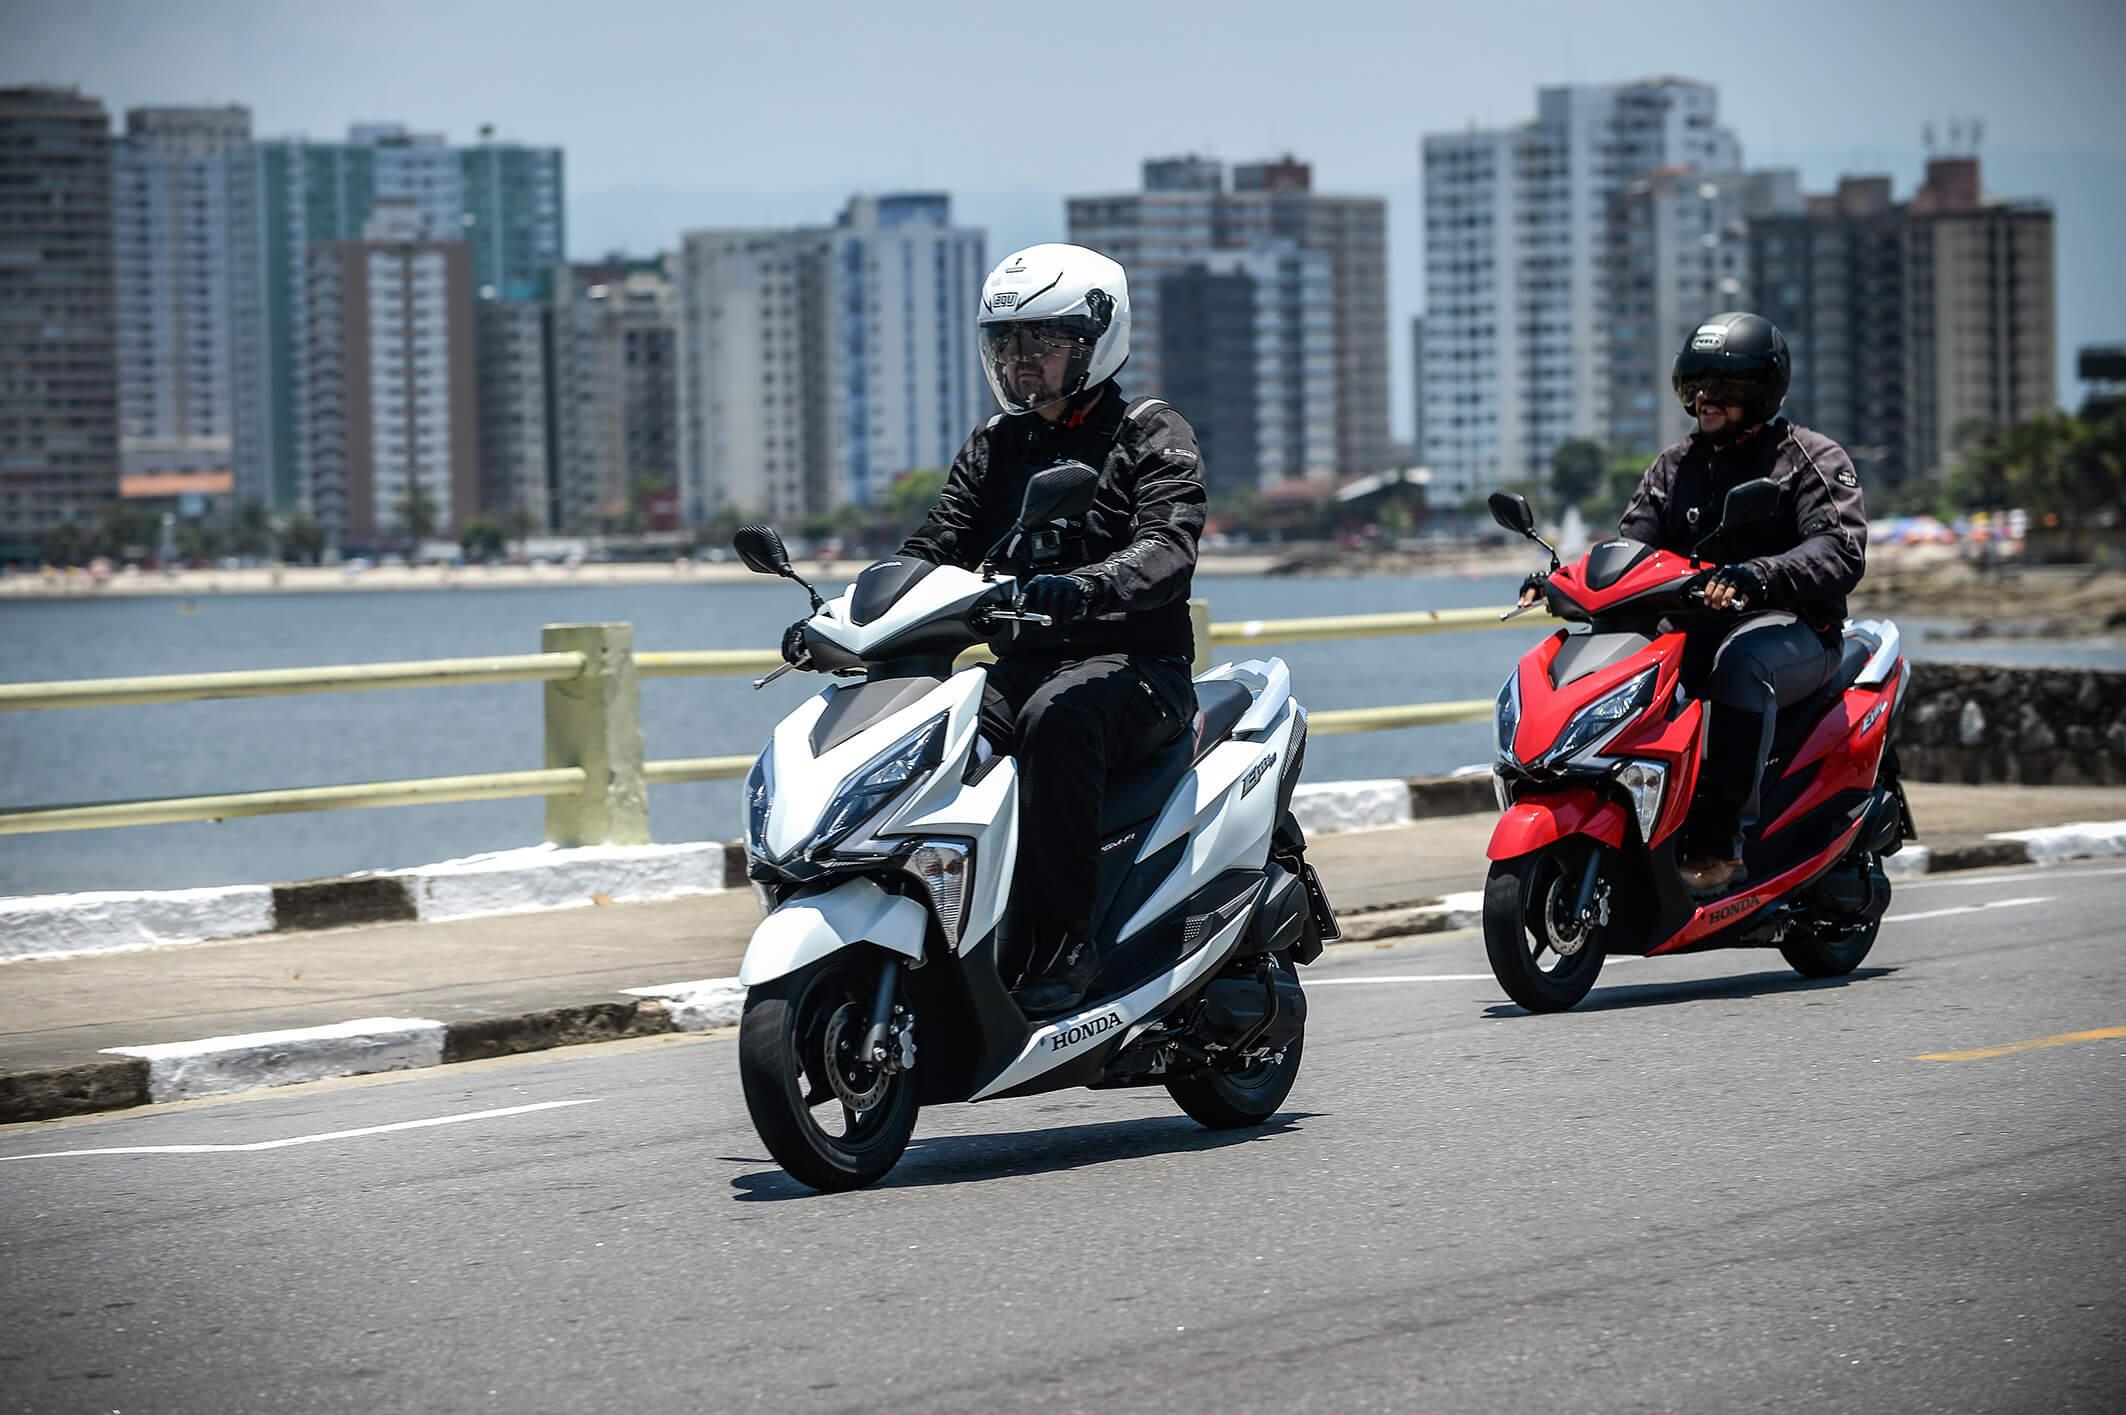 O aumento na venda de scooters, que cresceu 18% no ano, trouxe novos modelos como o Honda Elite 125